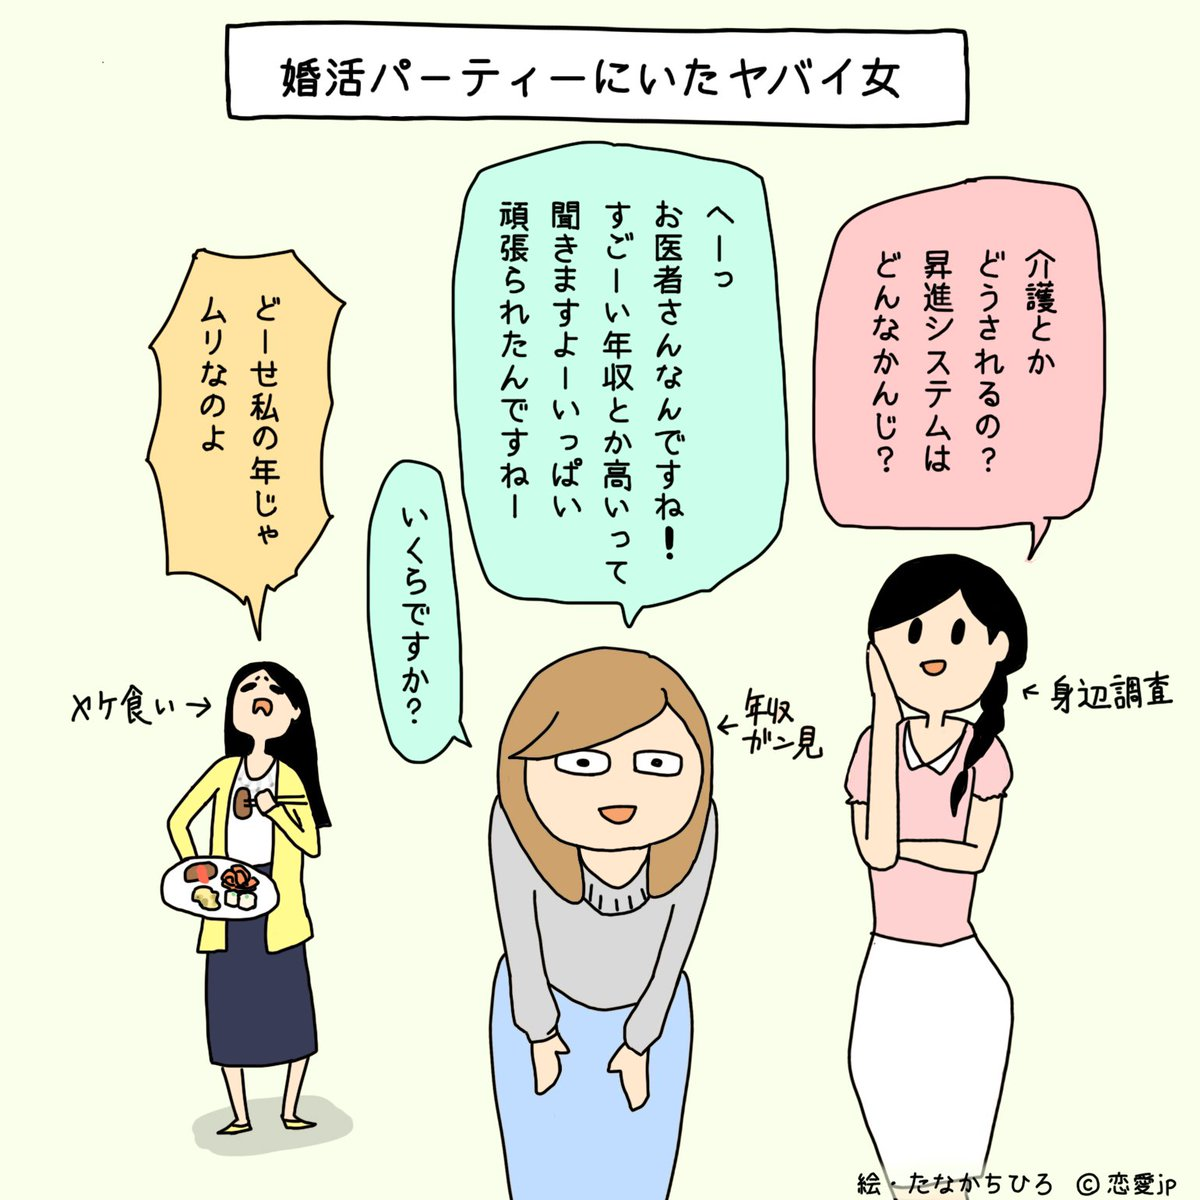 恋愛jp On Twitter イラストで解説一気に興ざめ 婚活